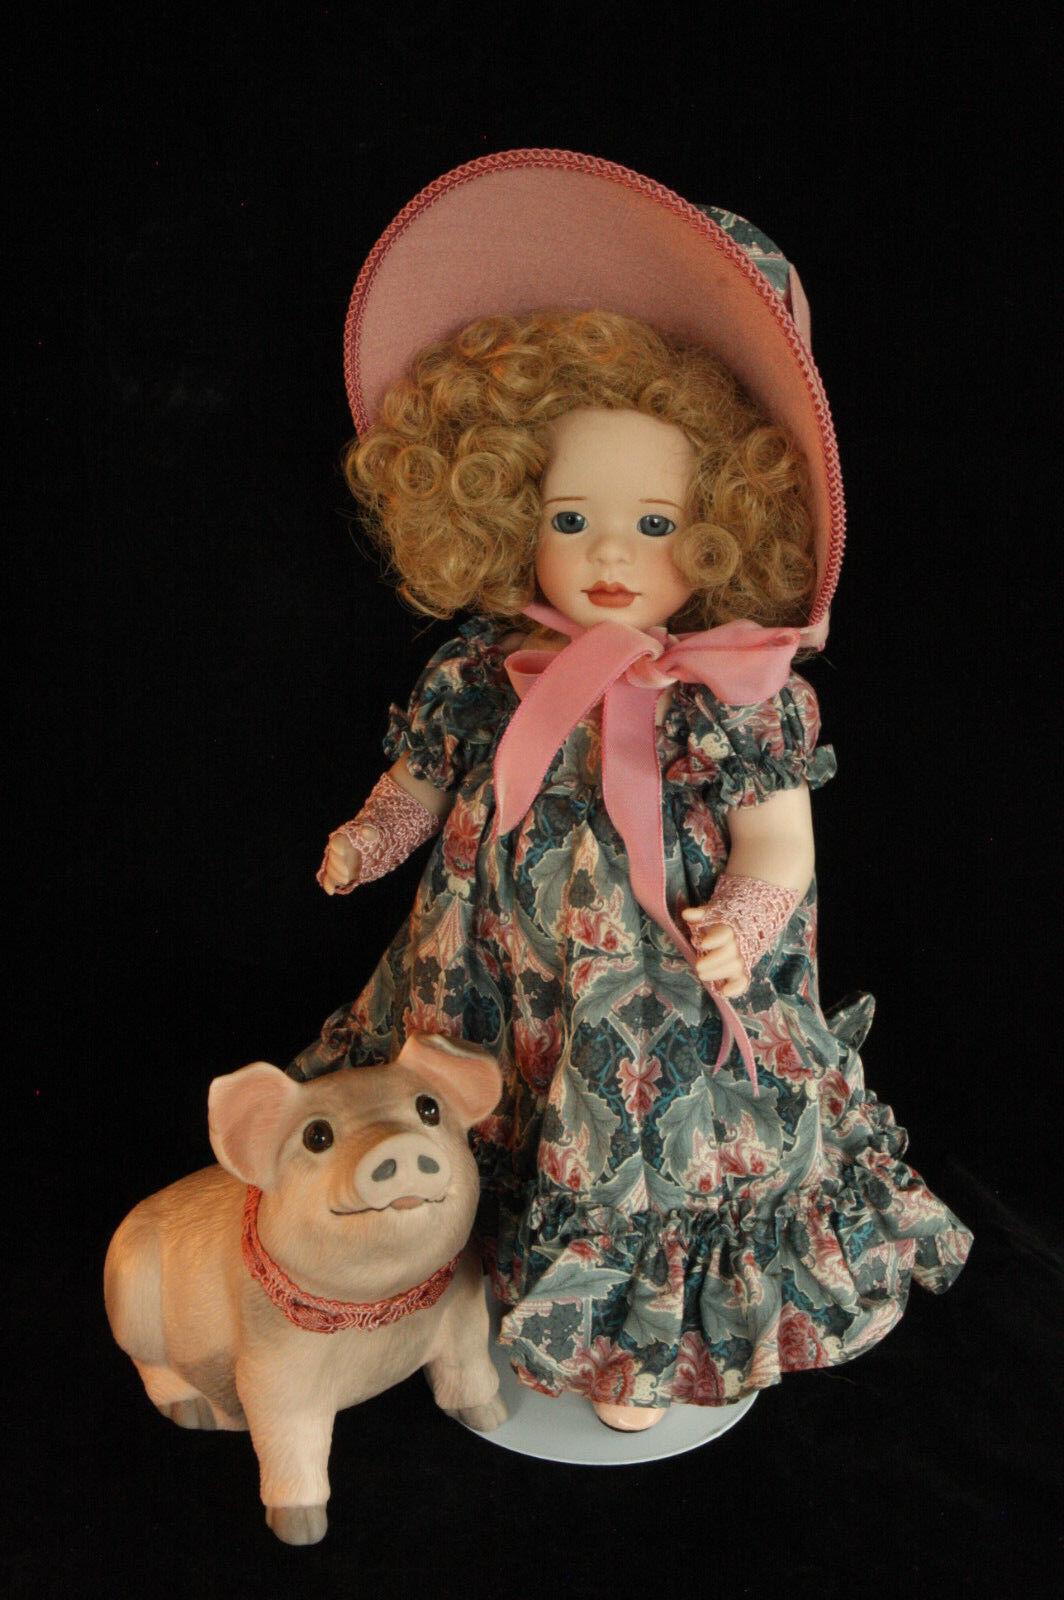 Wendy Lawton en el mercado, al mercado le menta en caja Muñeca De Porcelana Todo Original & Cerdo